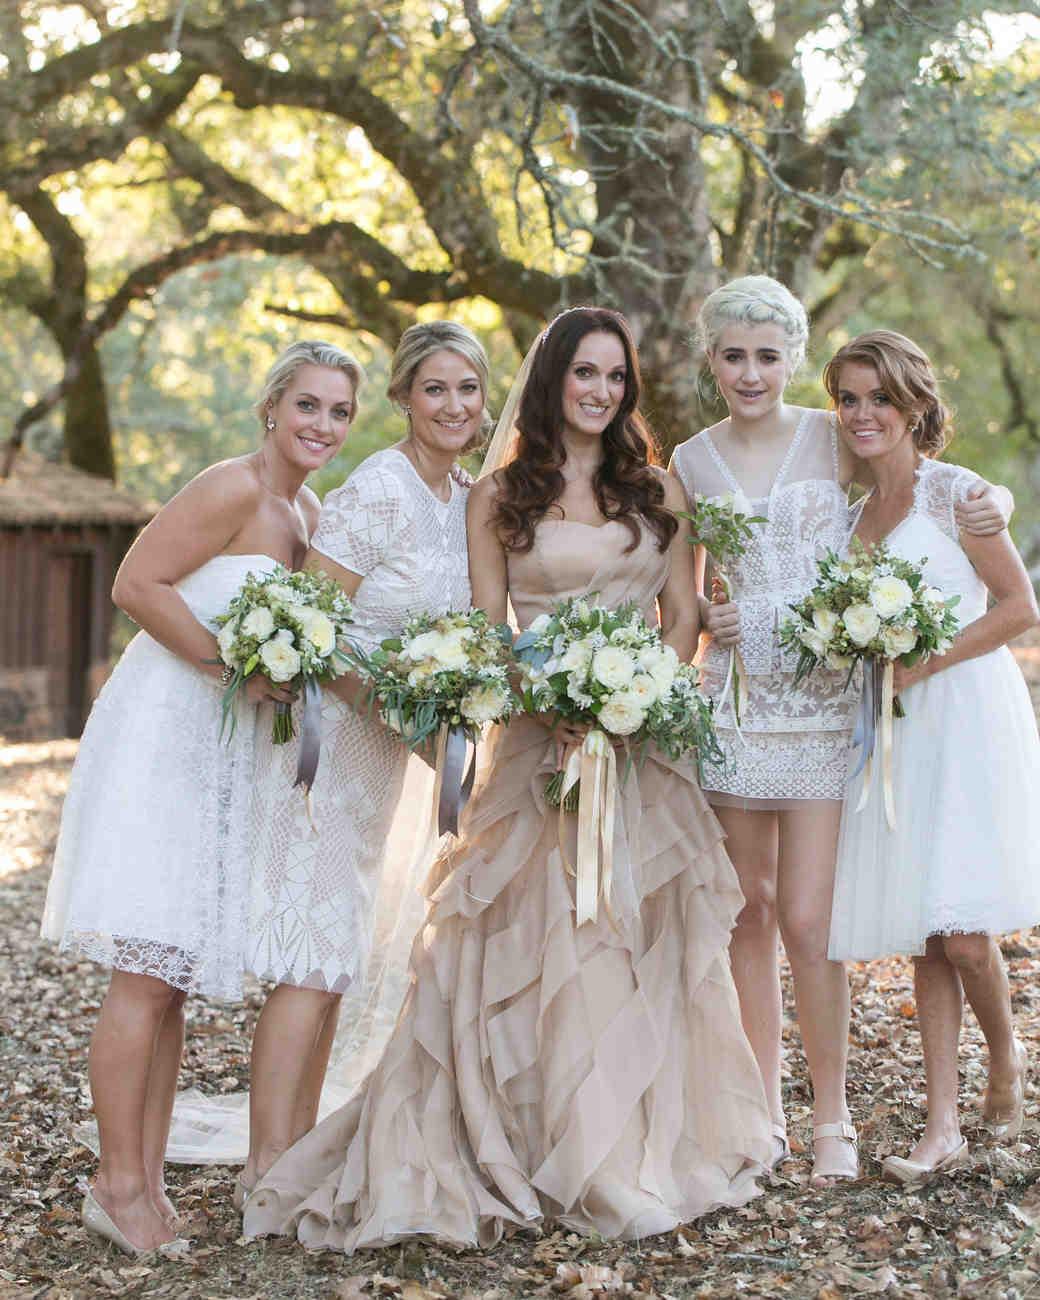 briana-adam-wedding-bridalparty-1080-s112471-1215.jpg